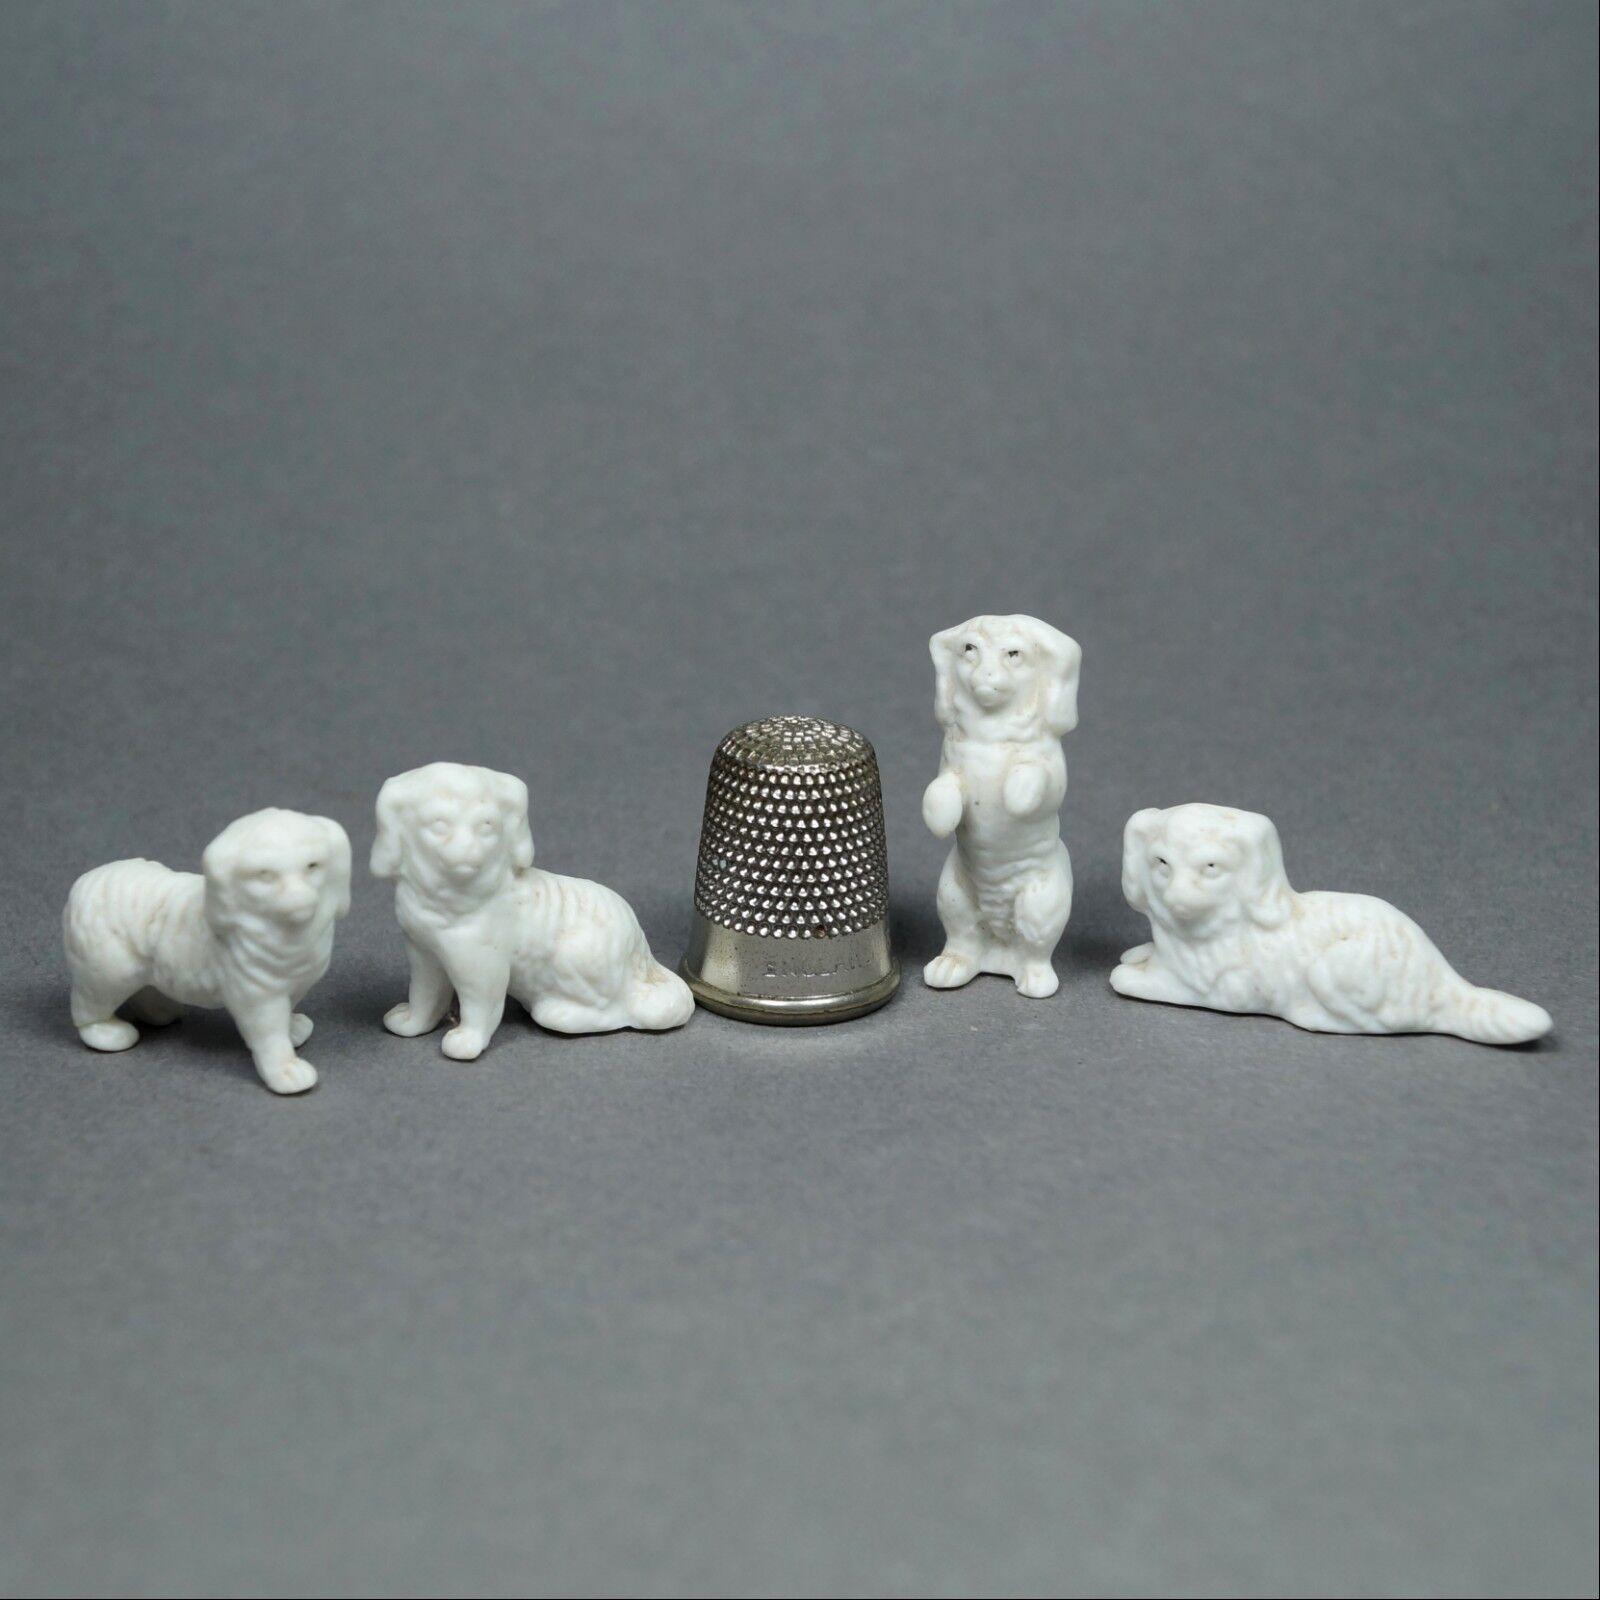 19th Century Francés Casa De Muñecas En Miniatura De Porcelana Perro Conjunto de 4 Terriers C 1880